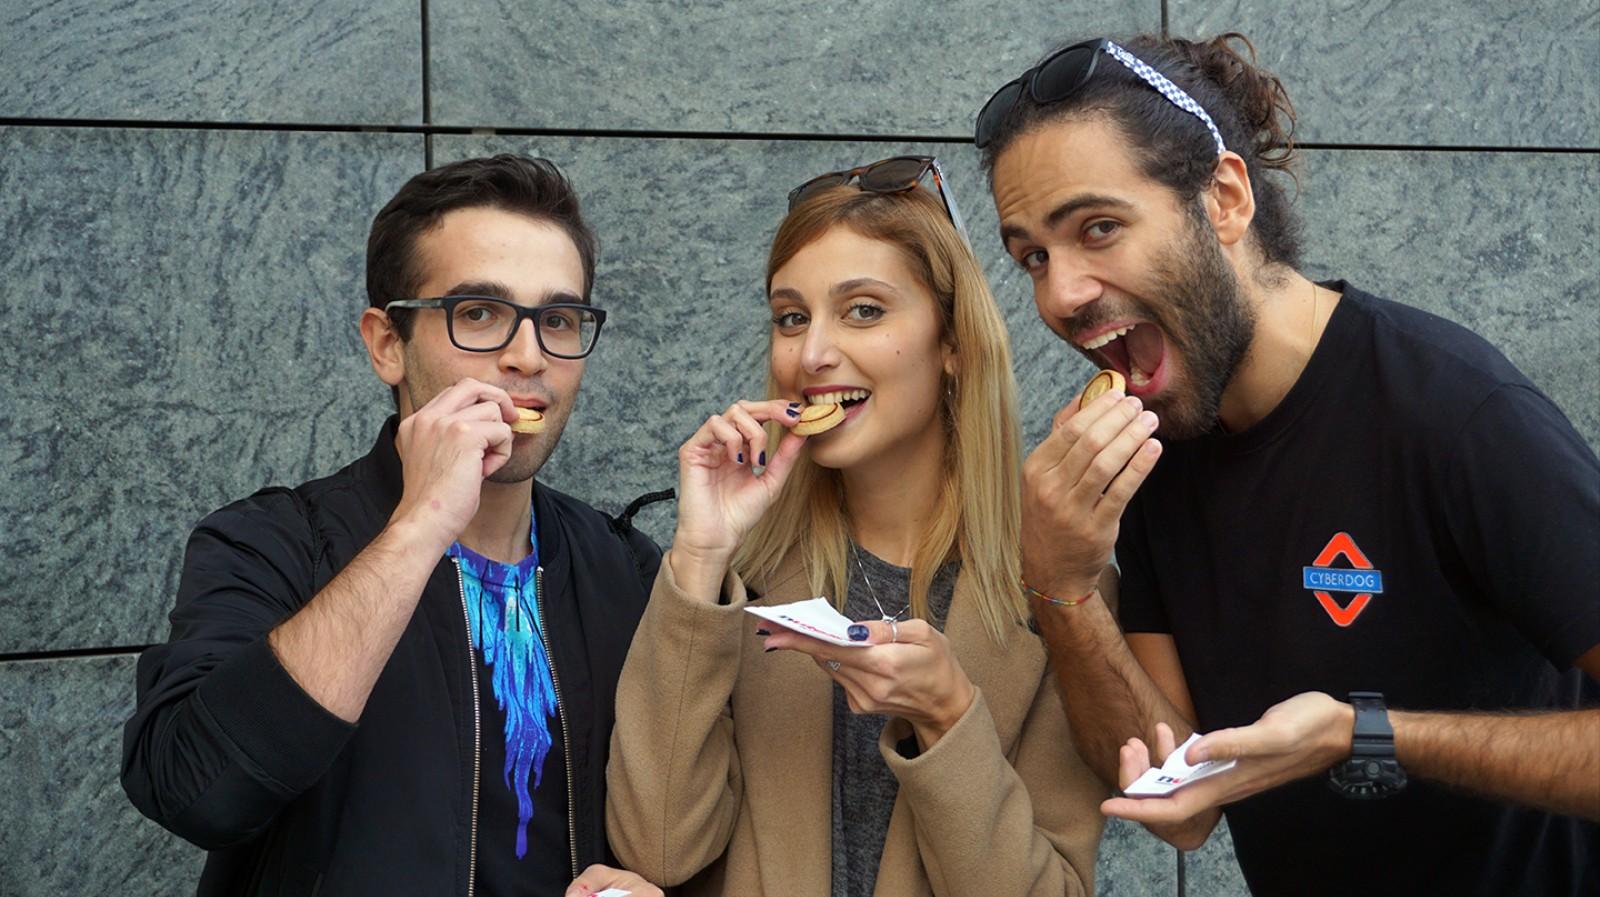 Quanto cibo puoi scroccare a Milano secondo dei professionisti dello scrocco